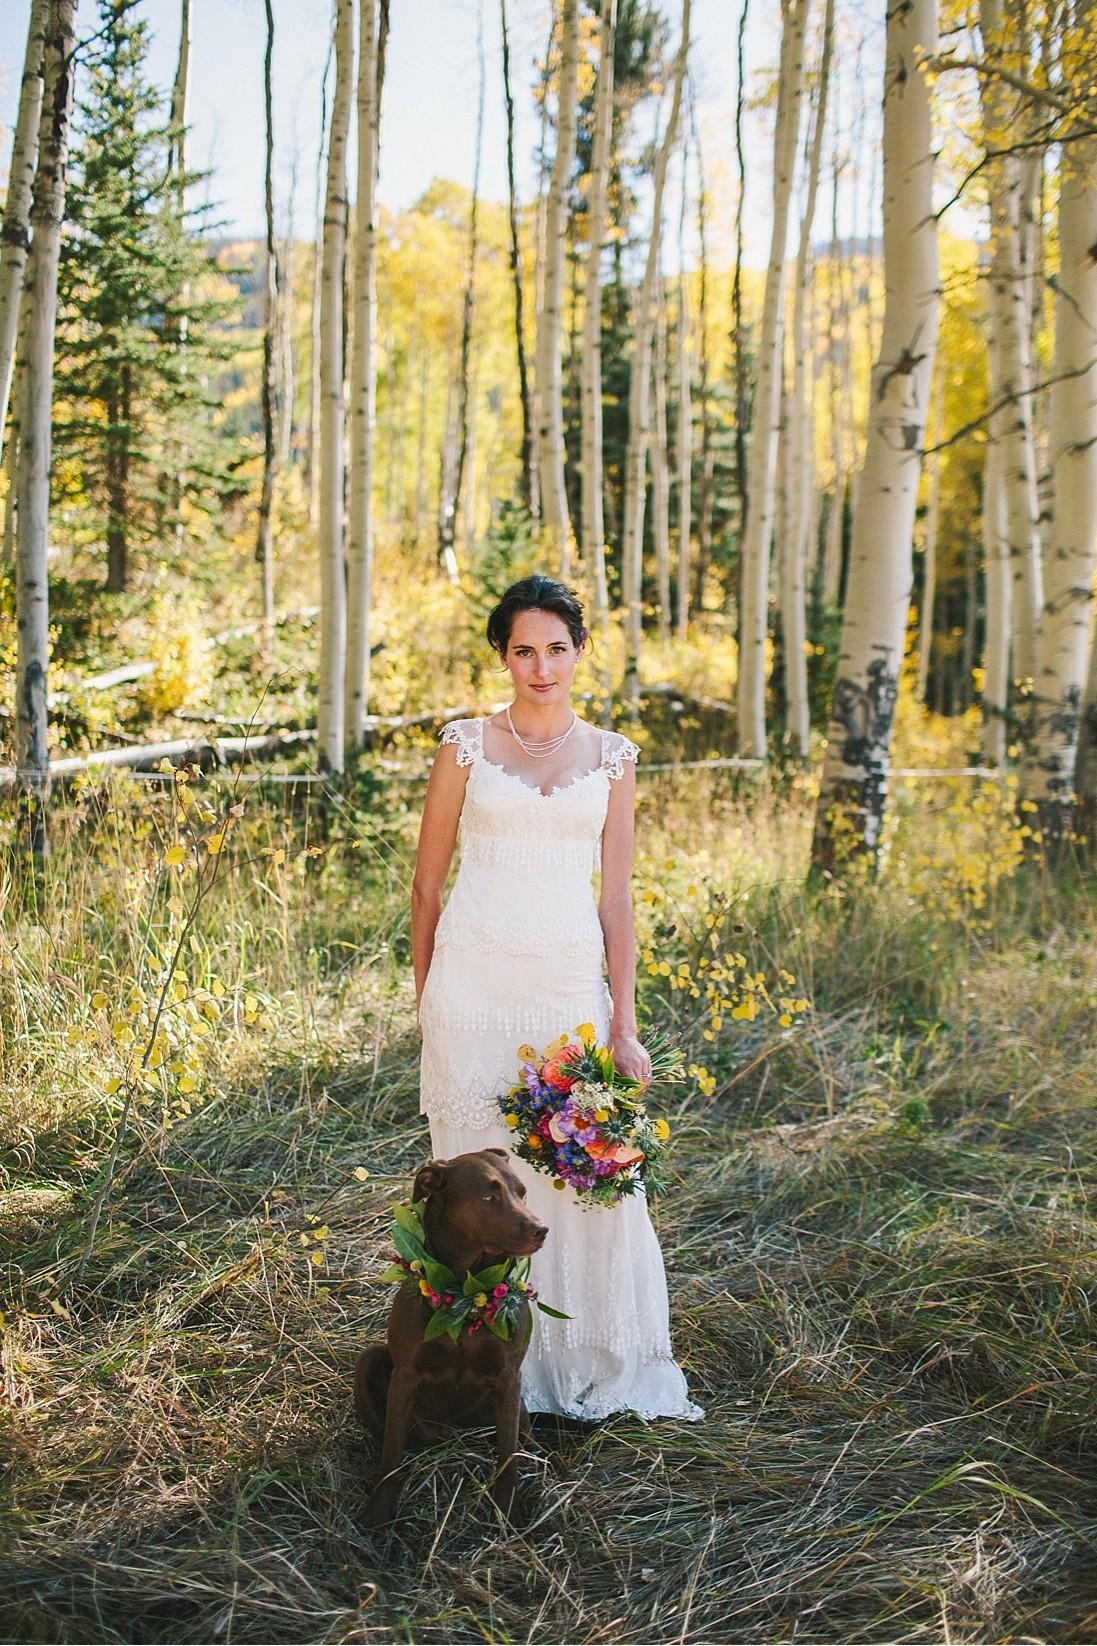 Alison Vagnini Weddings  Edwards, CO